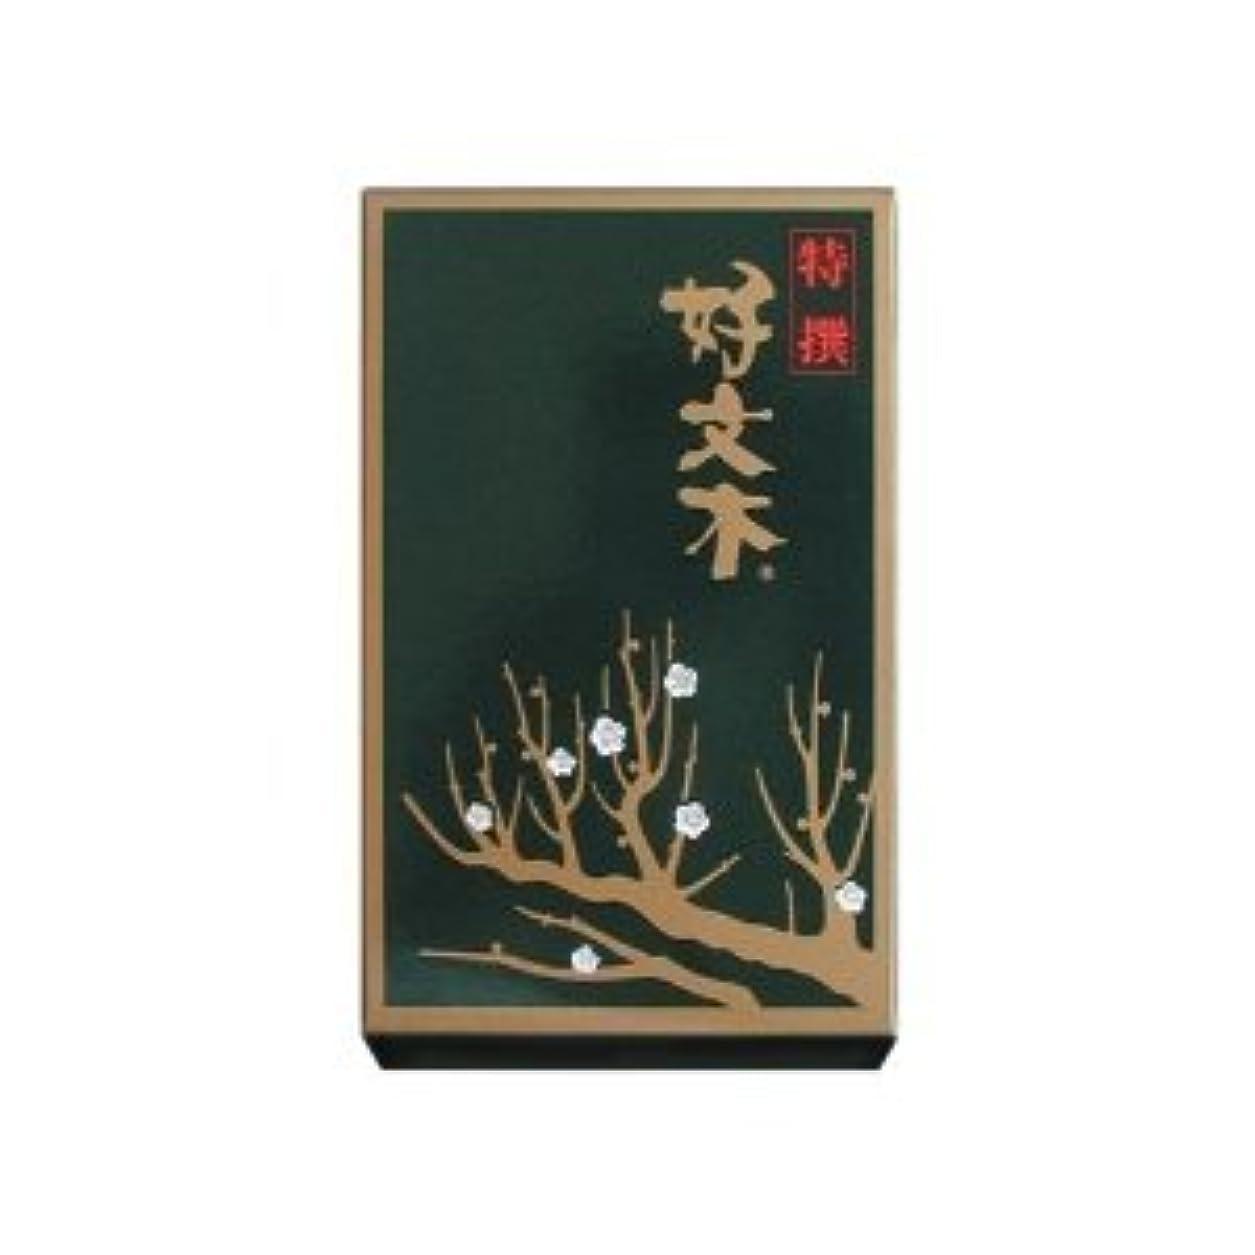 余剰流す悲しいことに梅栄堂 特撰好文木 短寸大型バラ詰